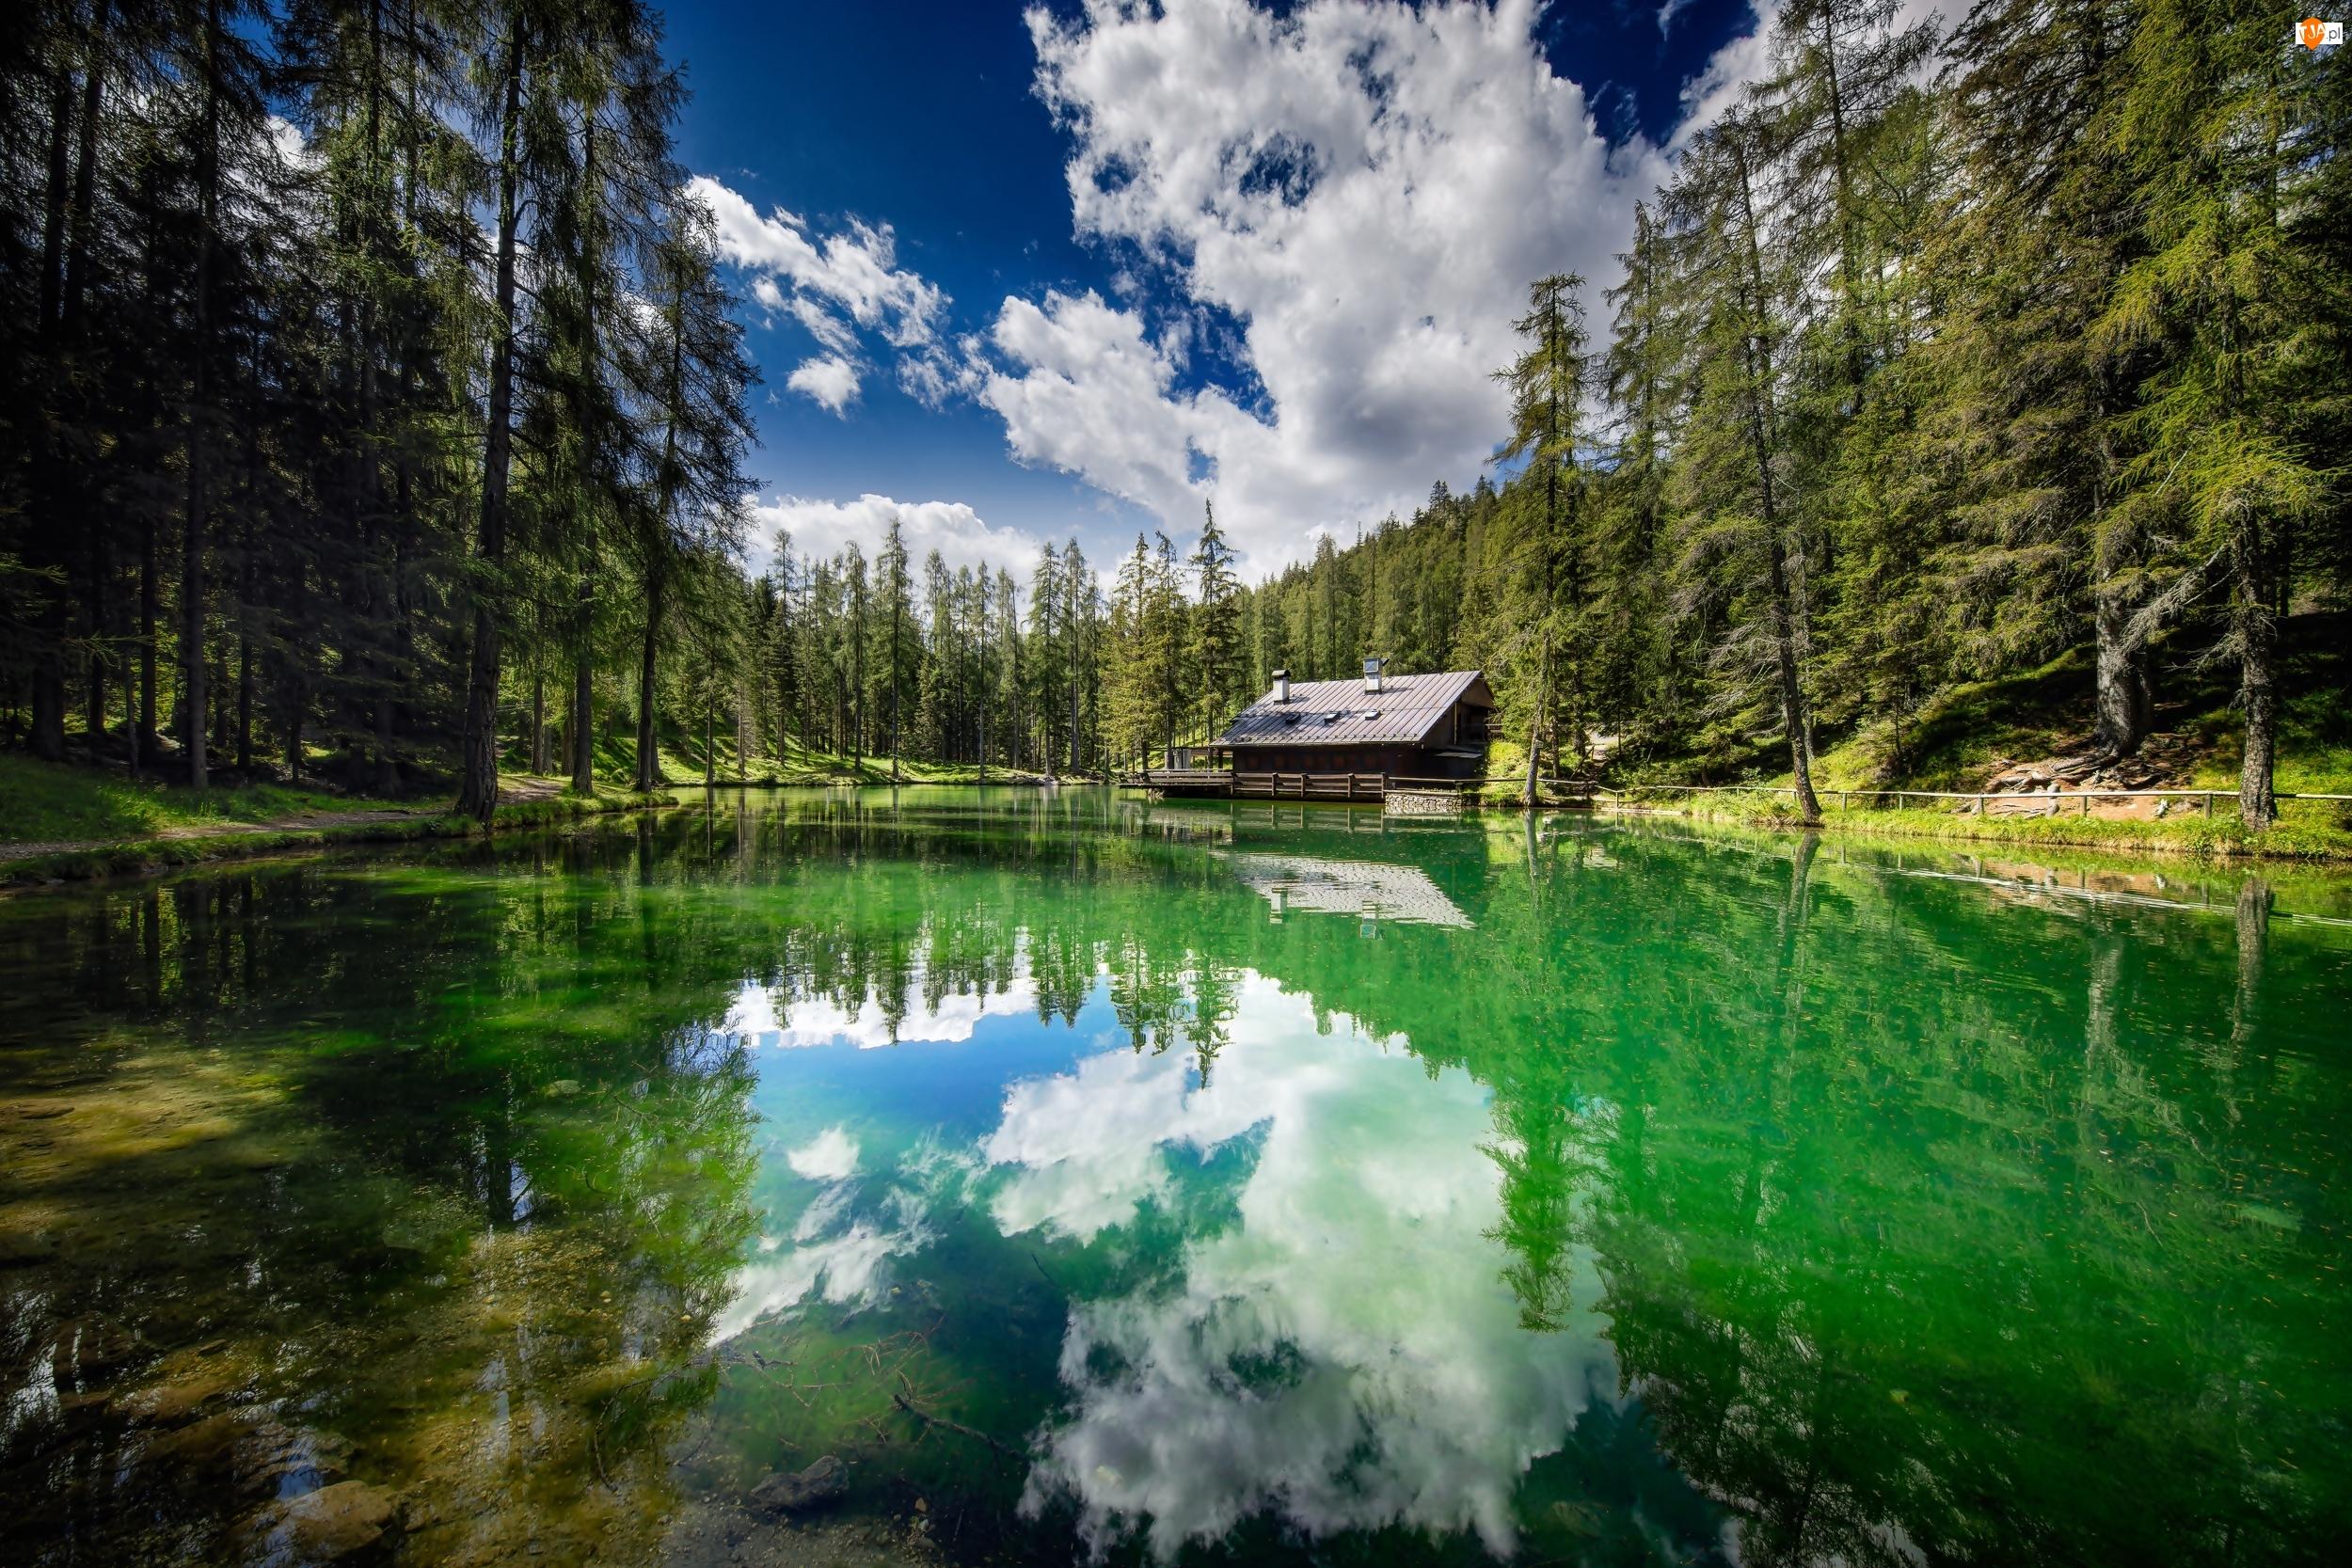 Cortina d Ampezzo, Jezioro, Drzewa, Włochy, Las, Dom, Lago Ghedina